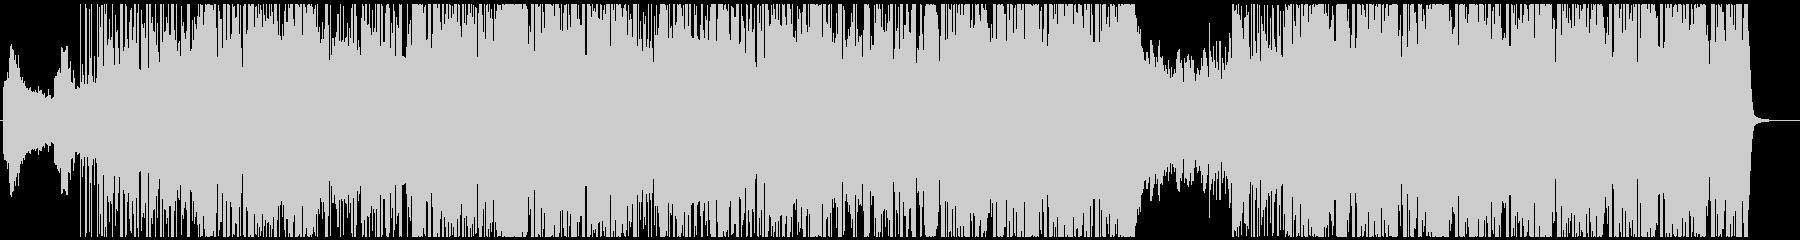 ダークなトラップ・ヒップホップの未再生の波形